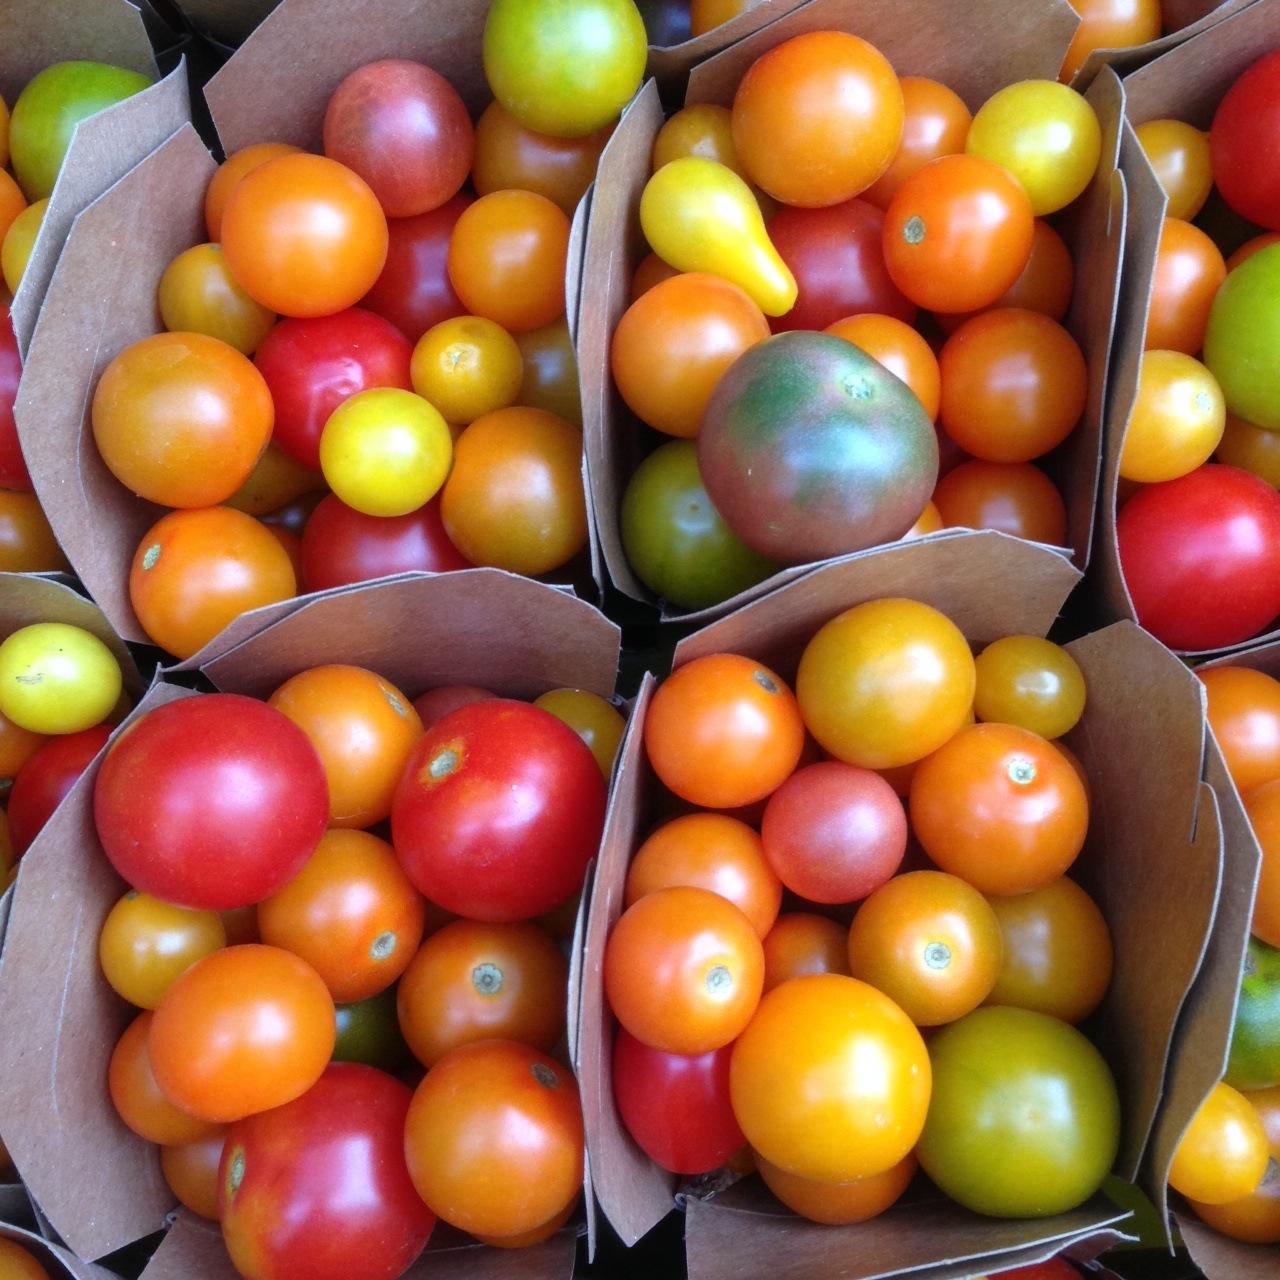 cherries in pints.JPG